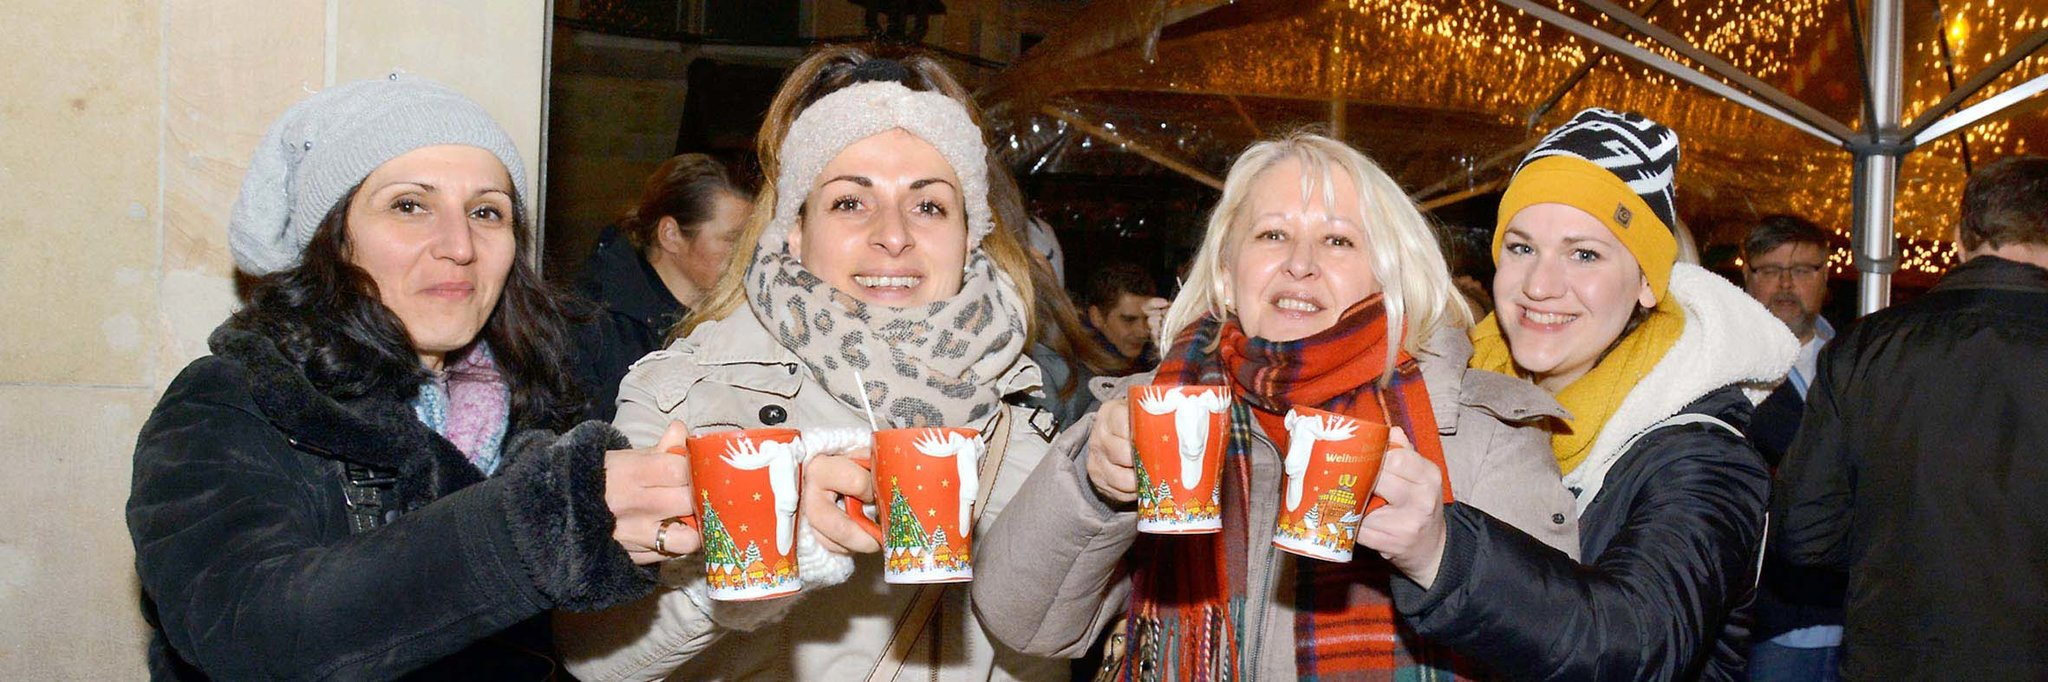 Heute öffnet Der Weihnachtsmarkt Budenzauber Lockt In Die